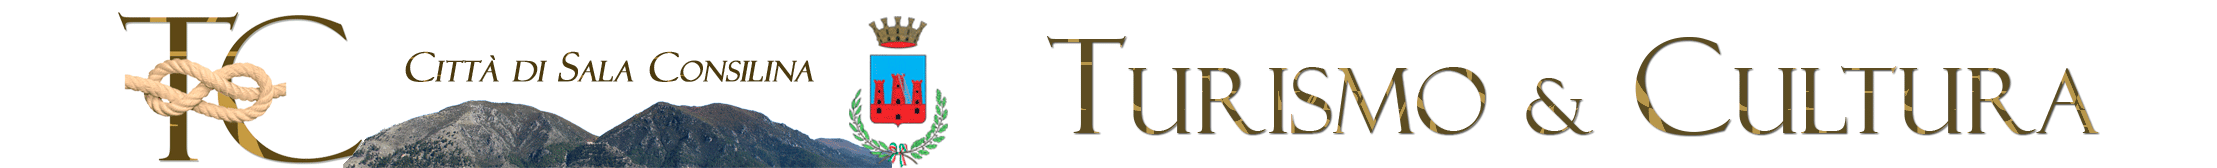 Cultura e Turismo Sala Consilina